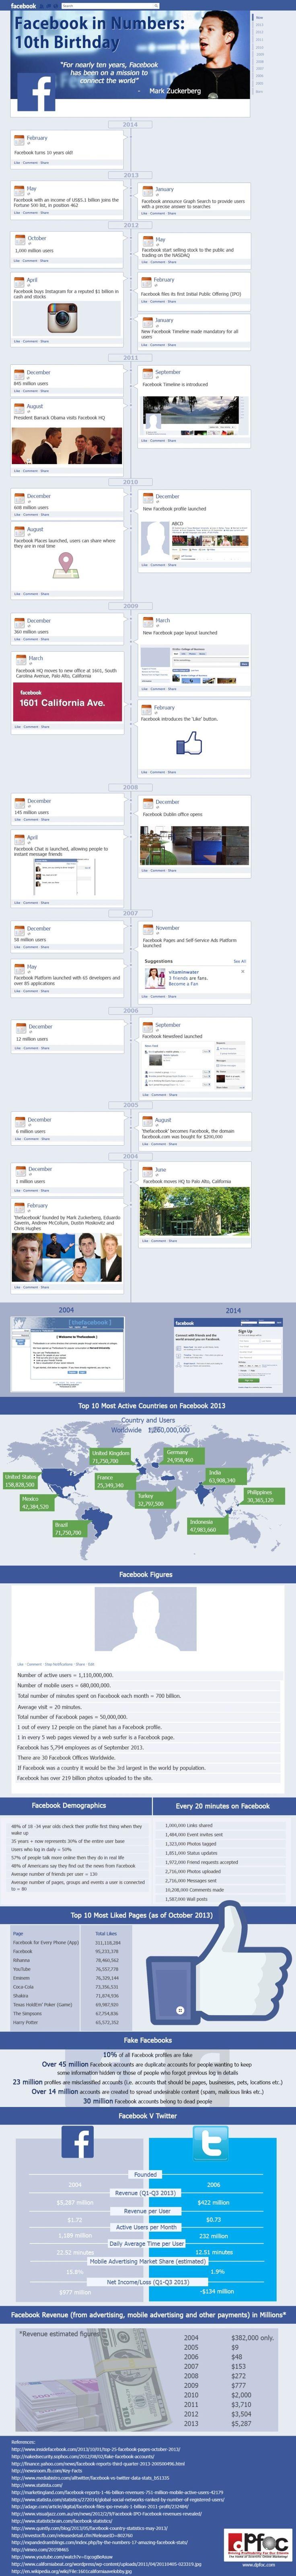 Facebook wird 10 Jahre alt: So hat sich das Soziale Netzwerk entwickelt.